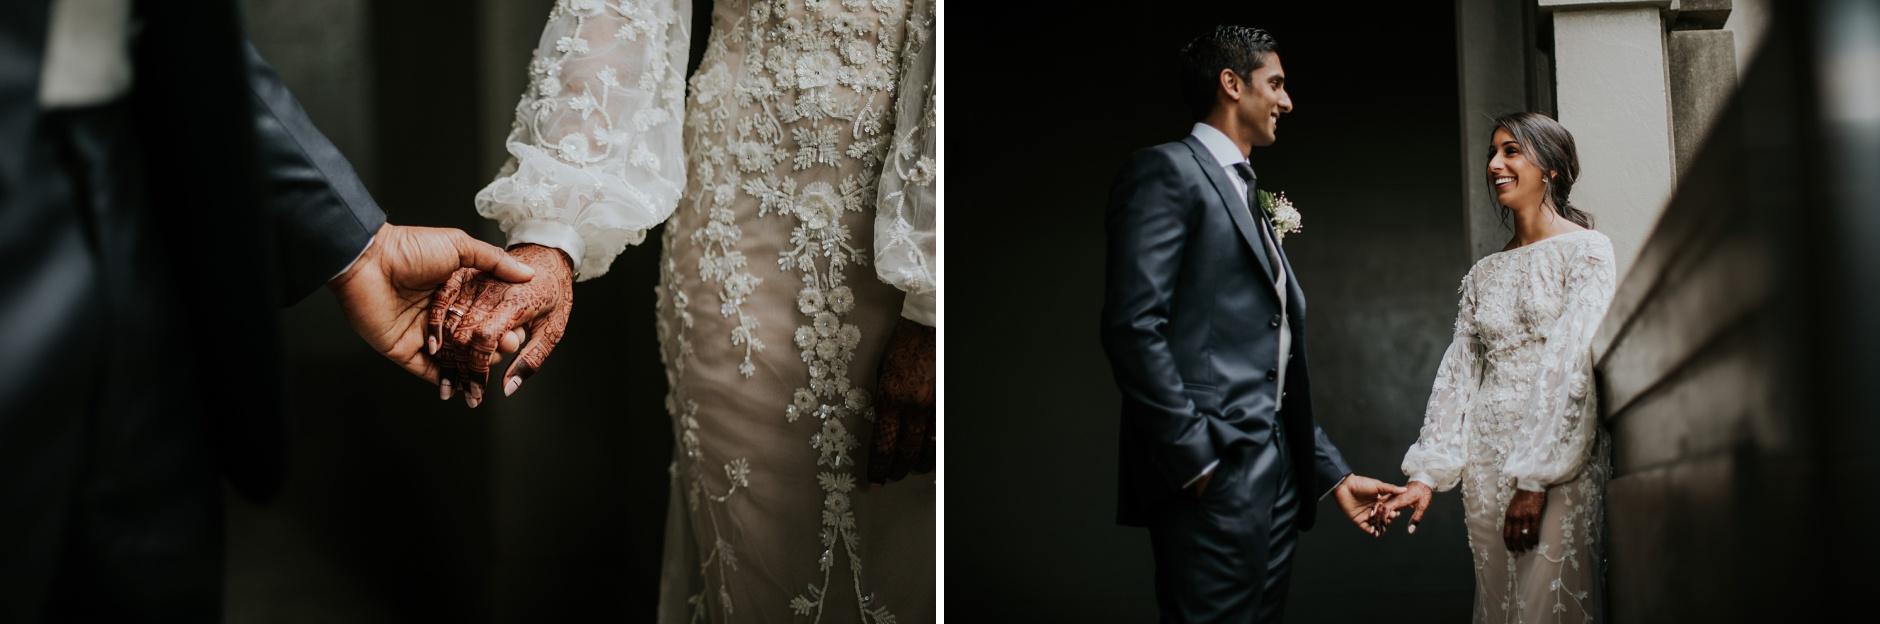 brahman&priyanka1579a_Byron-Bay-Wedding.jpg